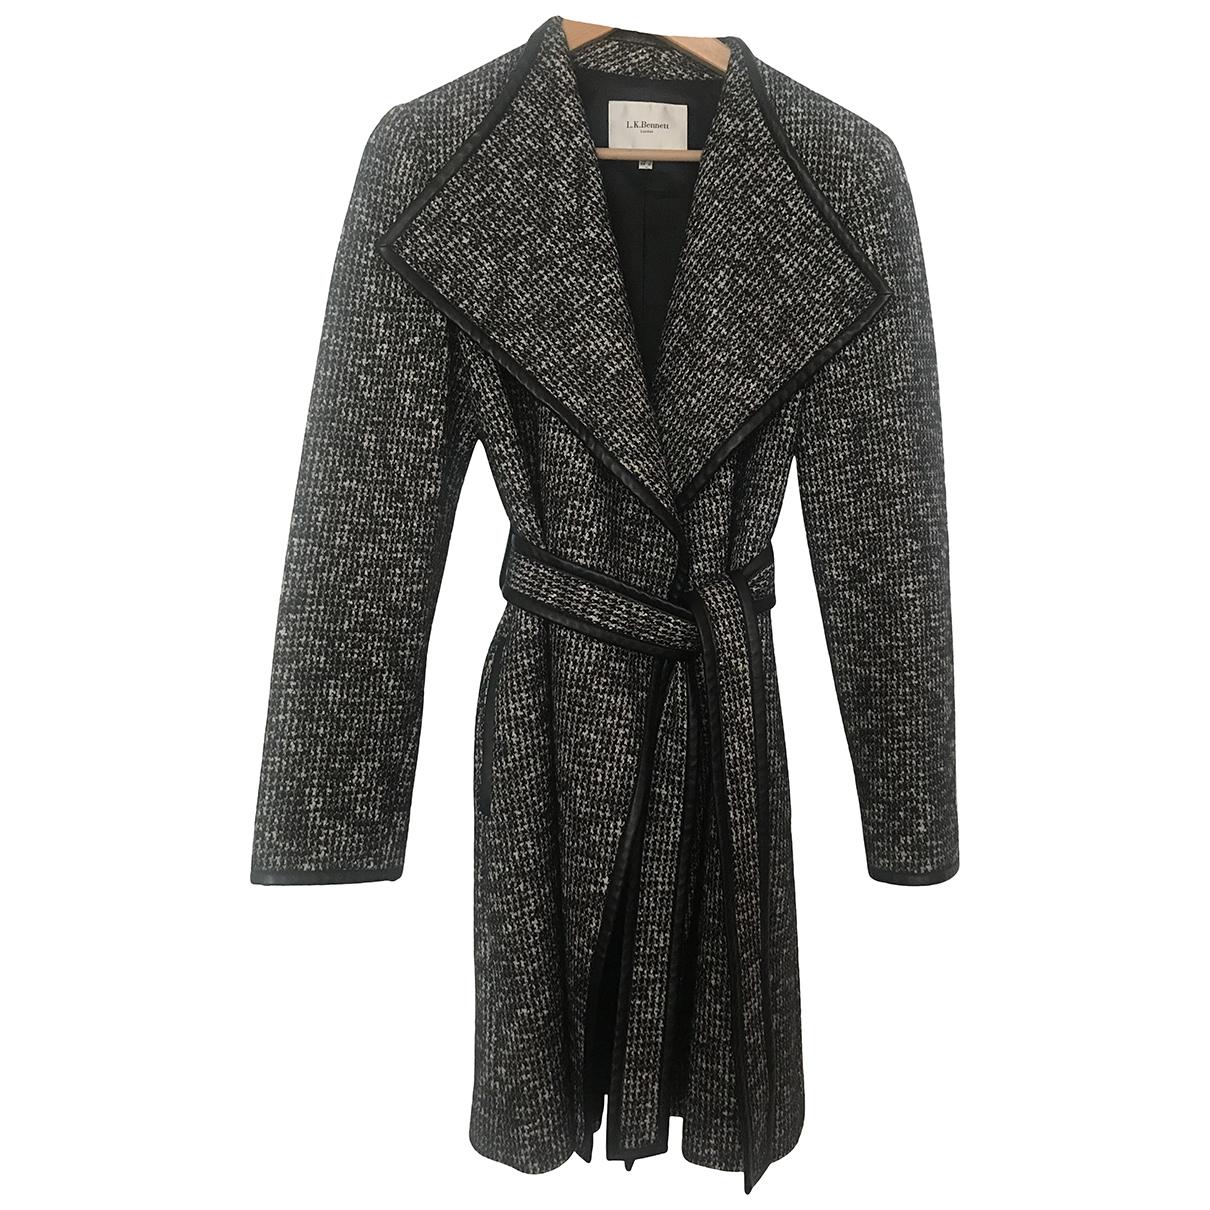 Lk Bennett \N Black Wool coat for Women 10 UK